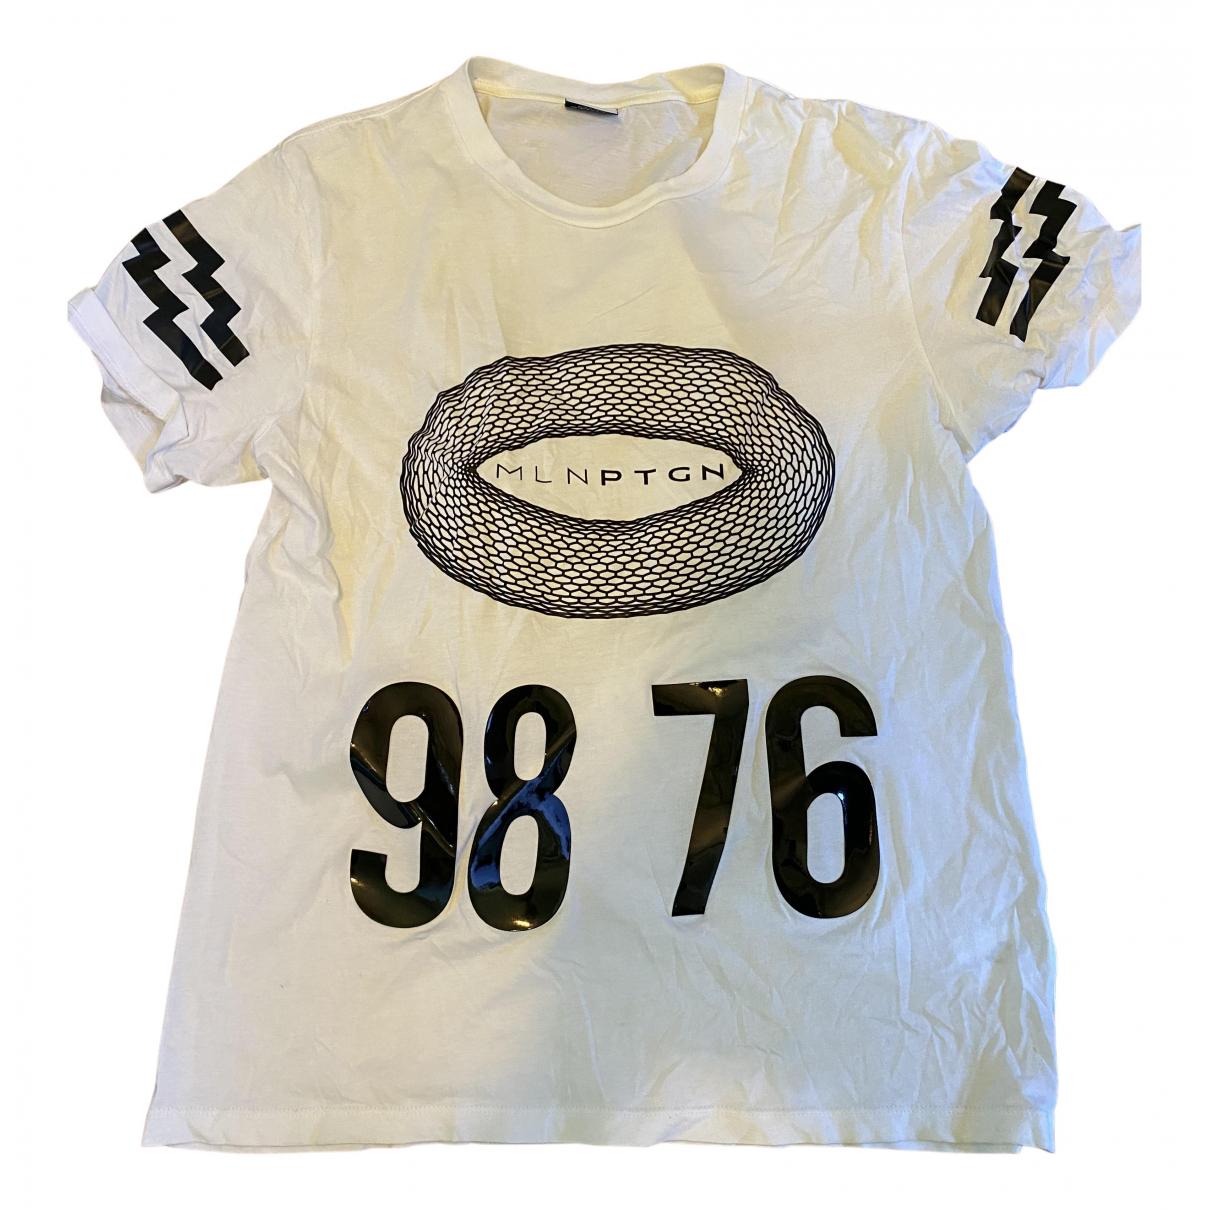 Marcelo Burlon - Tee shirts   pour homme en coton - blanc